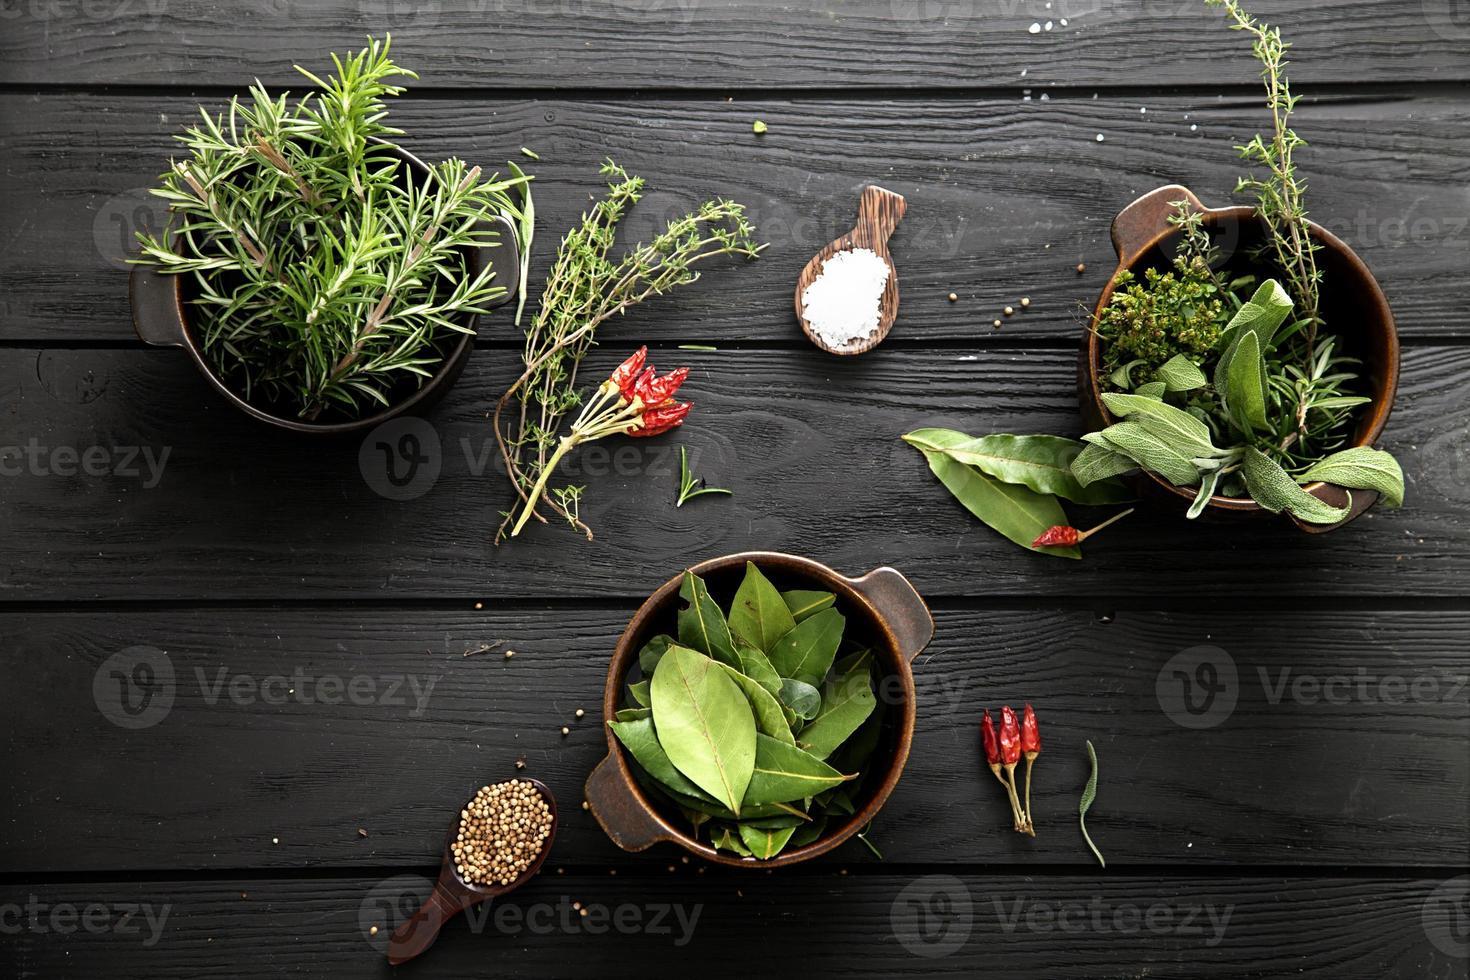 ingredientes mediterráneos foto